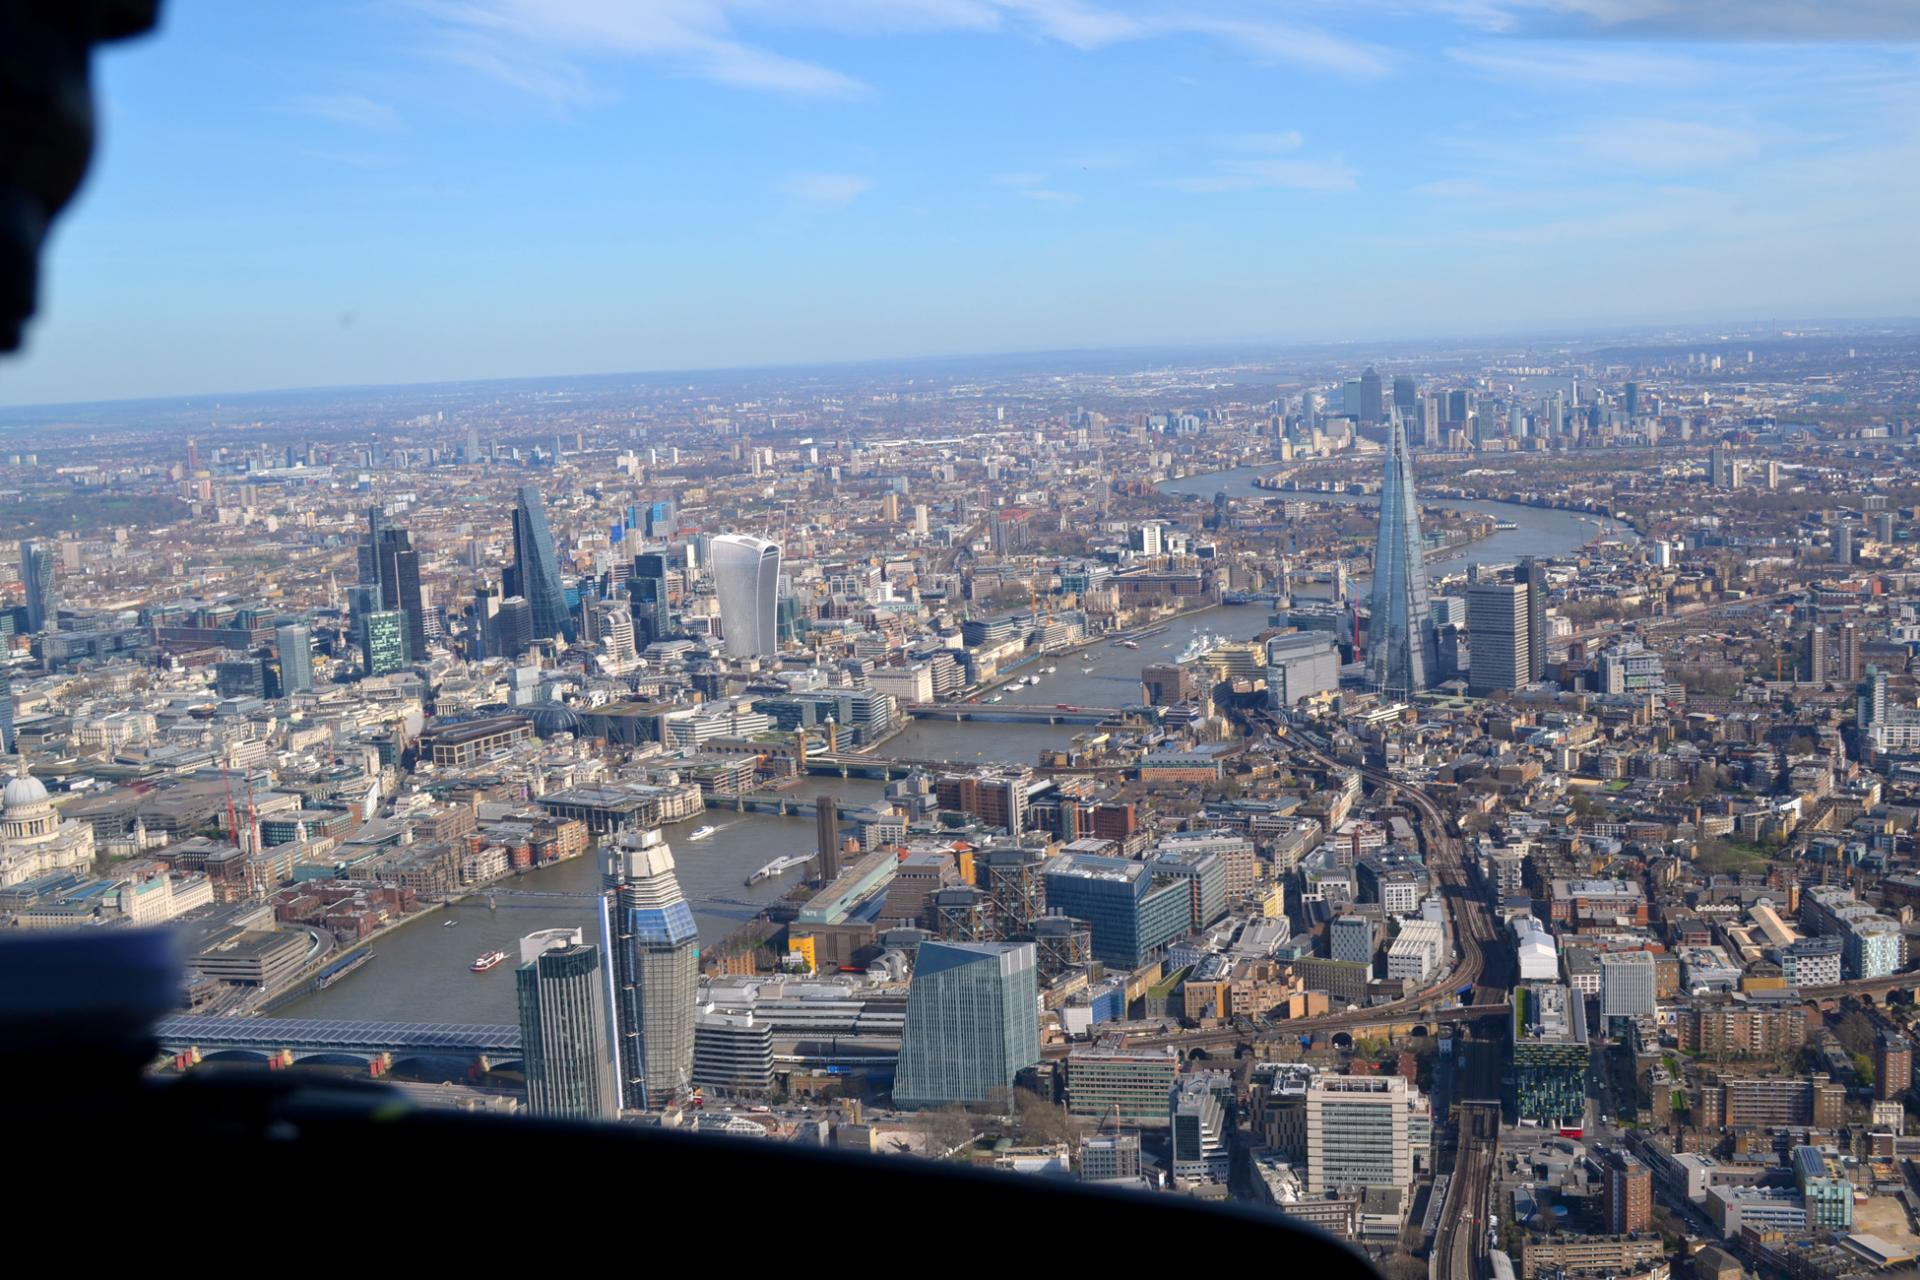 Londres desde el aire: The Shard, Torre de Londres y Tower Bridge